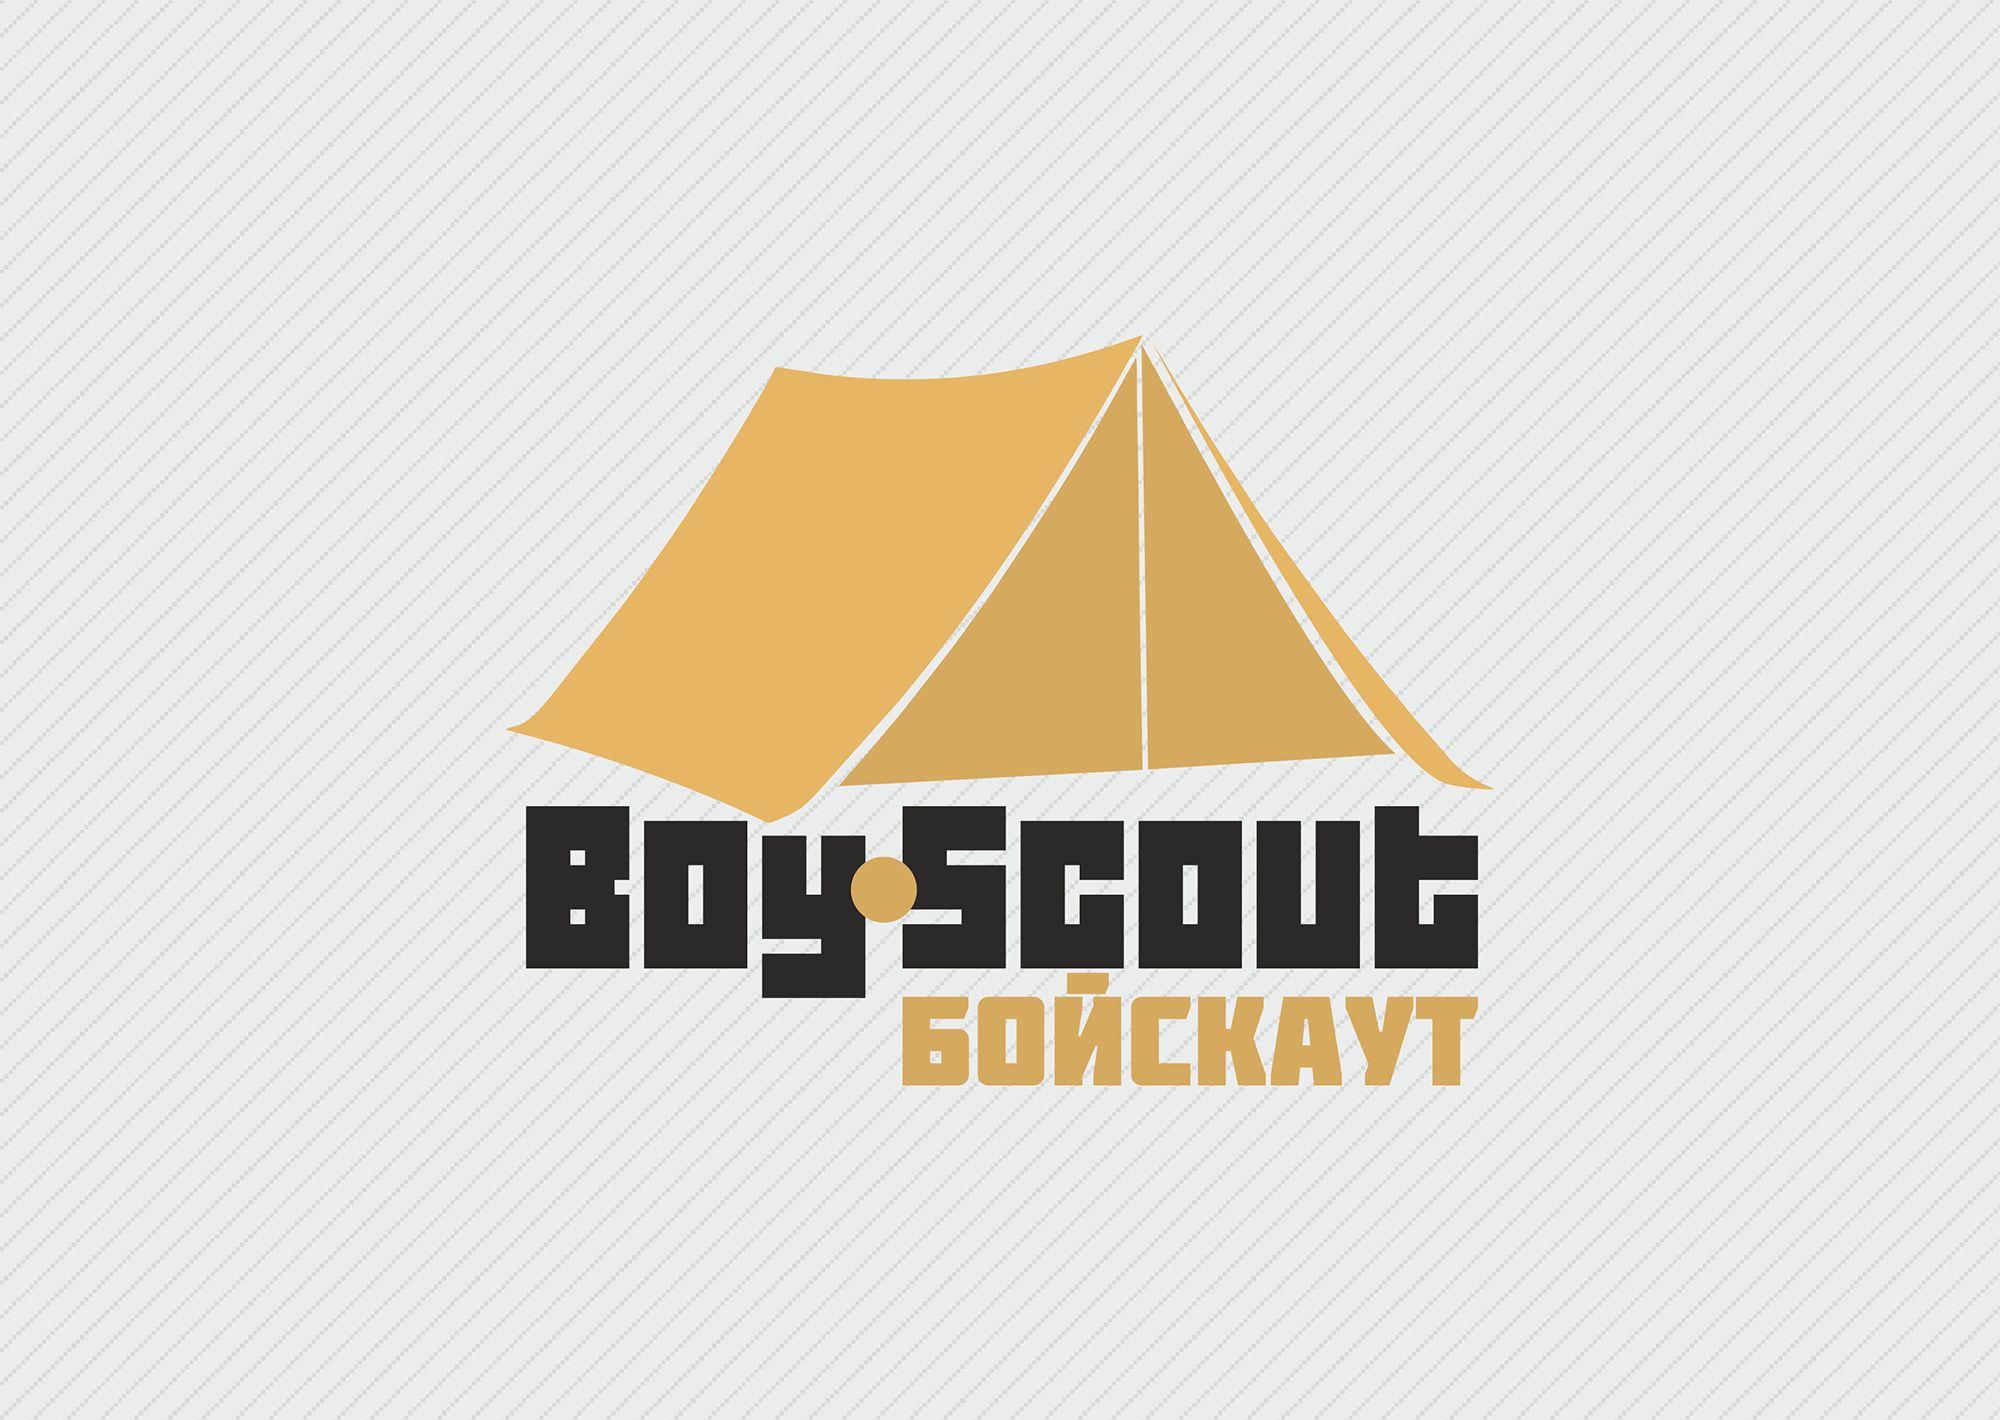 Логотип для сайта интернет-магазина BOY SCOUT - дизайнер VadimNJet